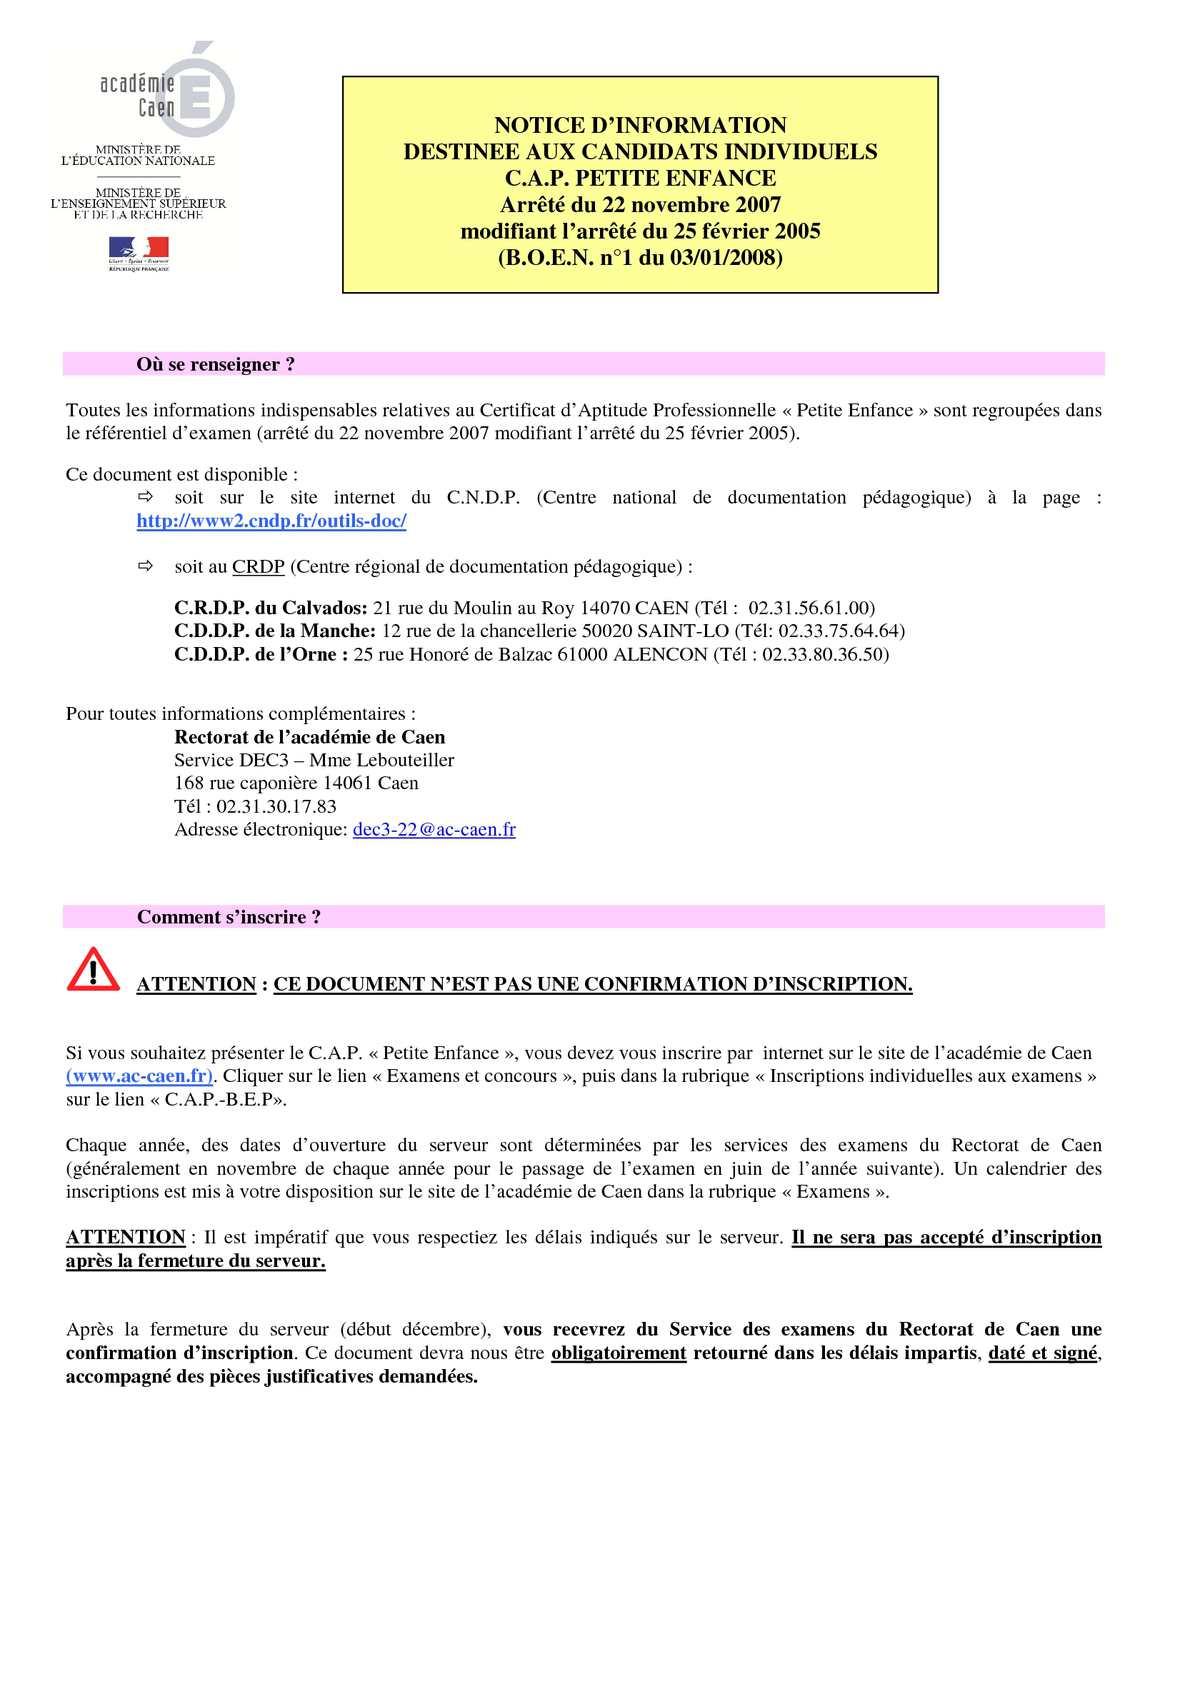 Célèbre Calaméo - Référentiel d'examen - CAP Petite enfance HG47